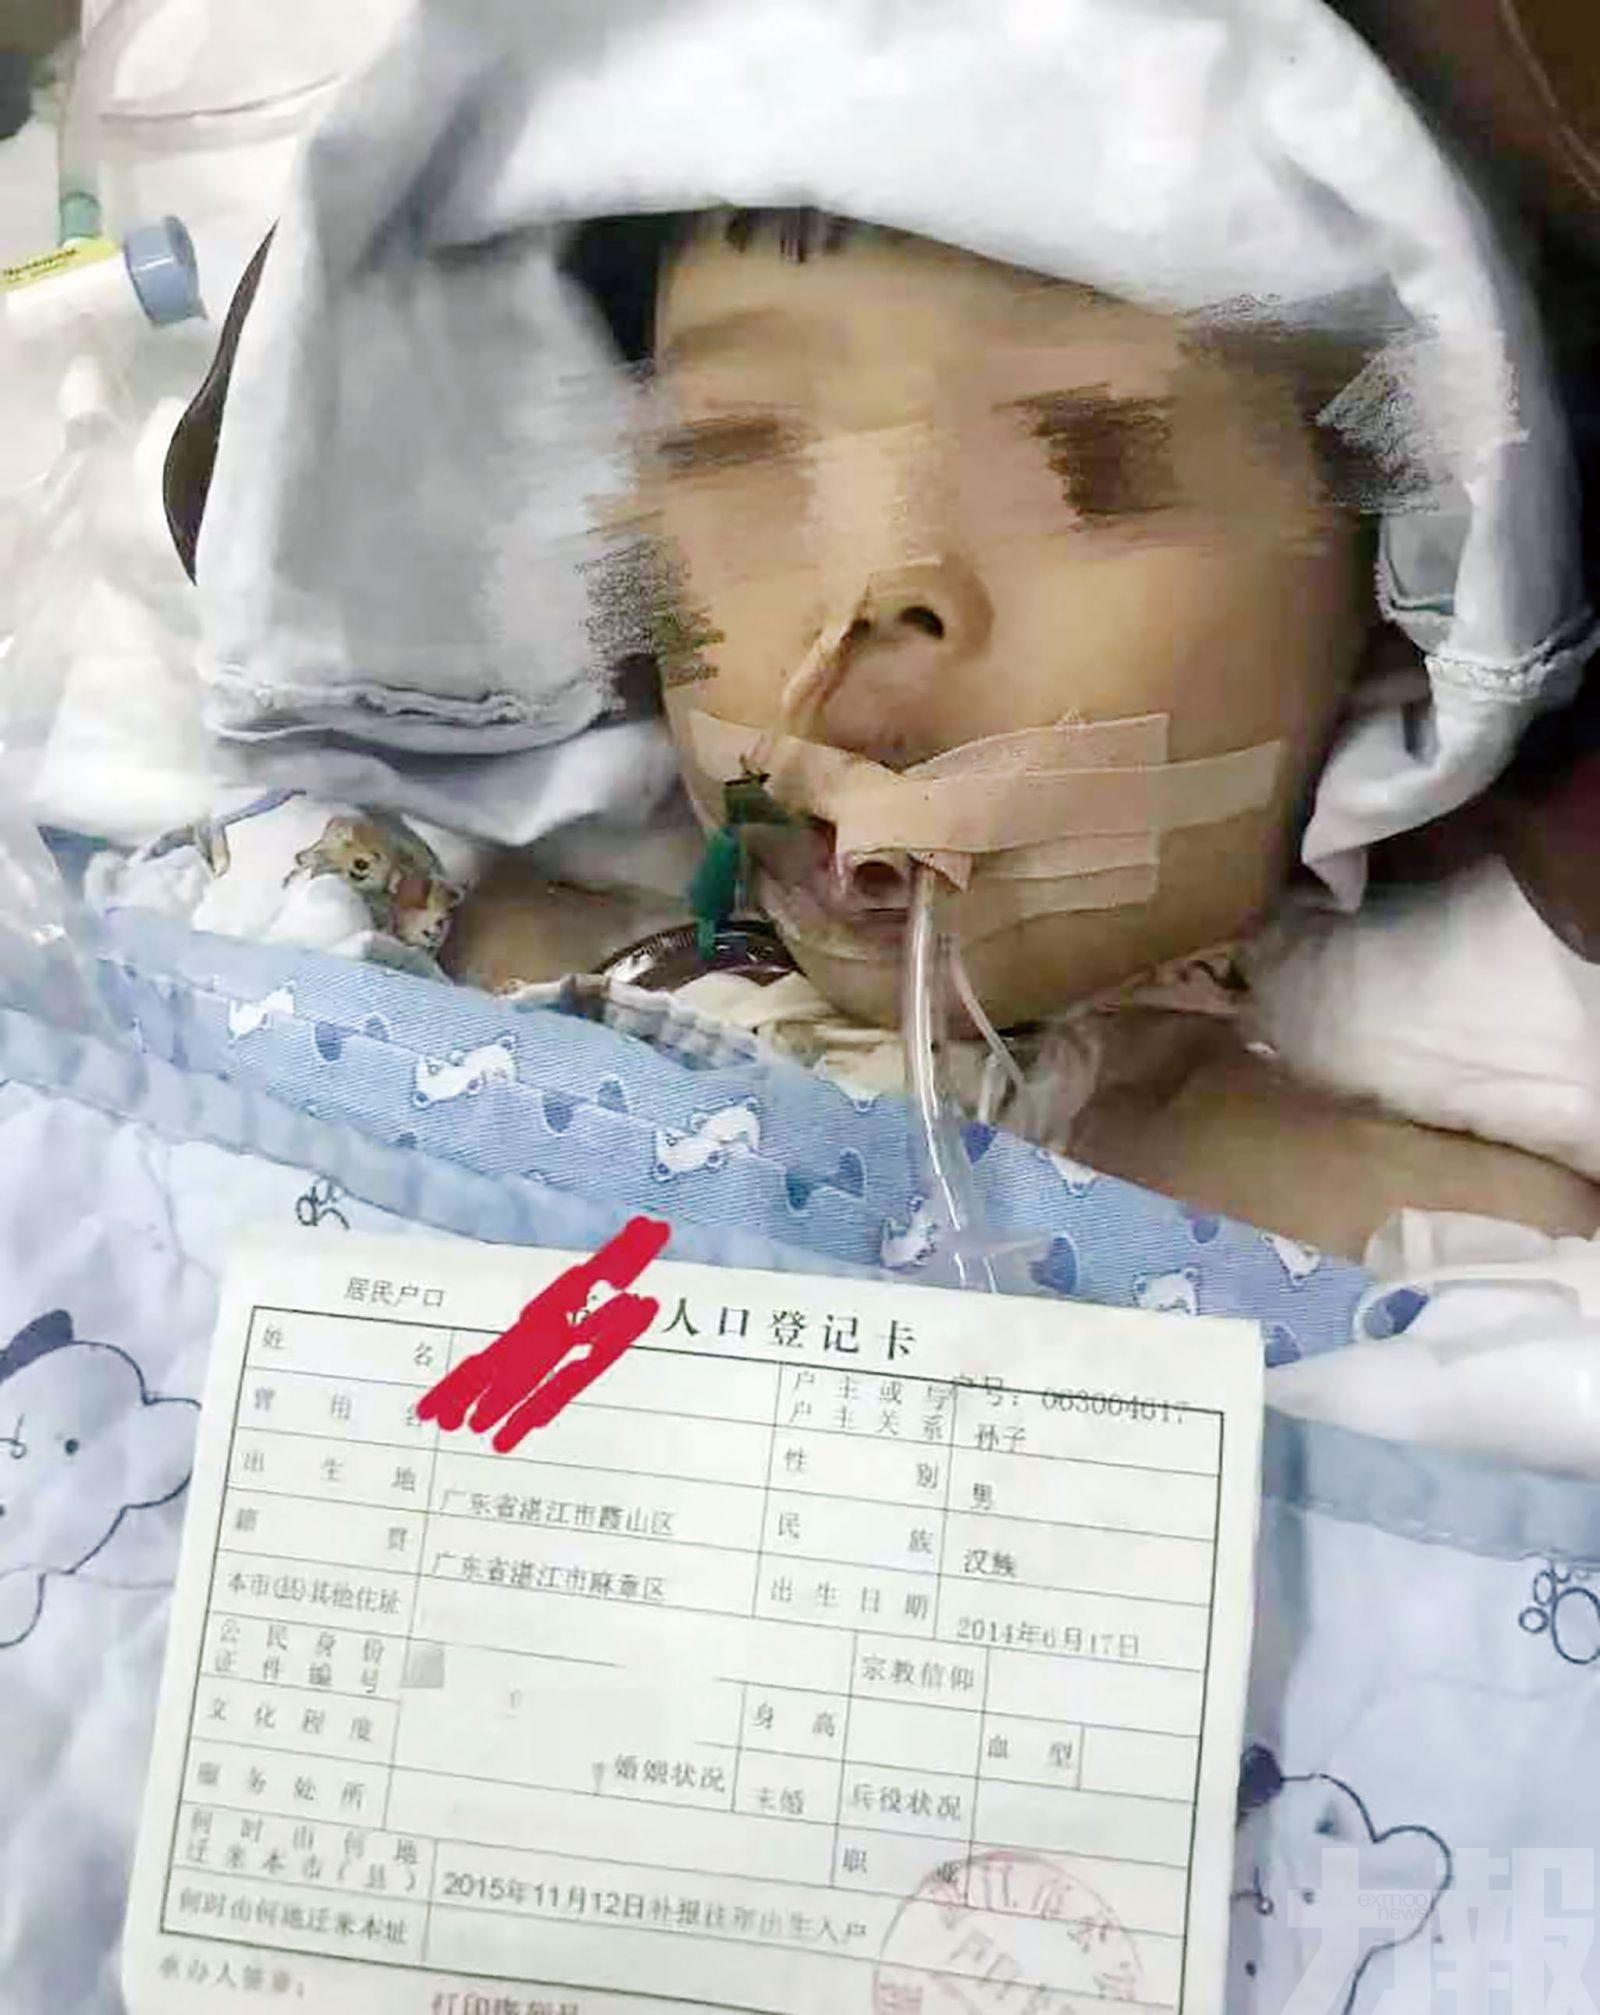 珠海男童校內就餐後去世